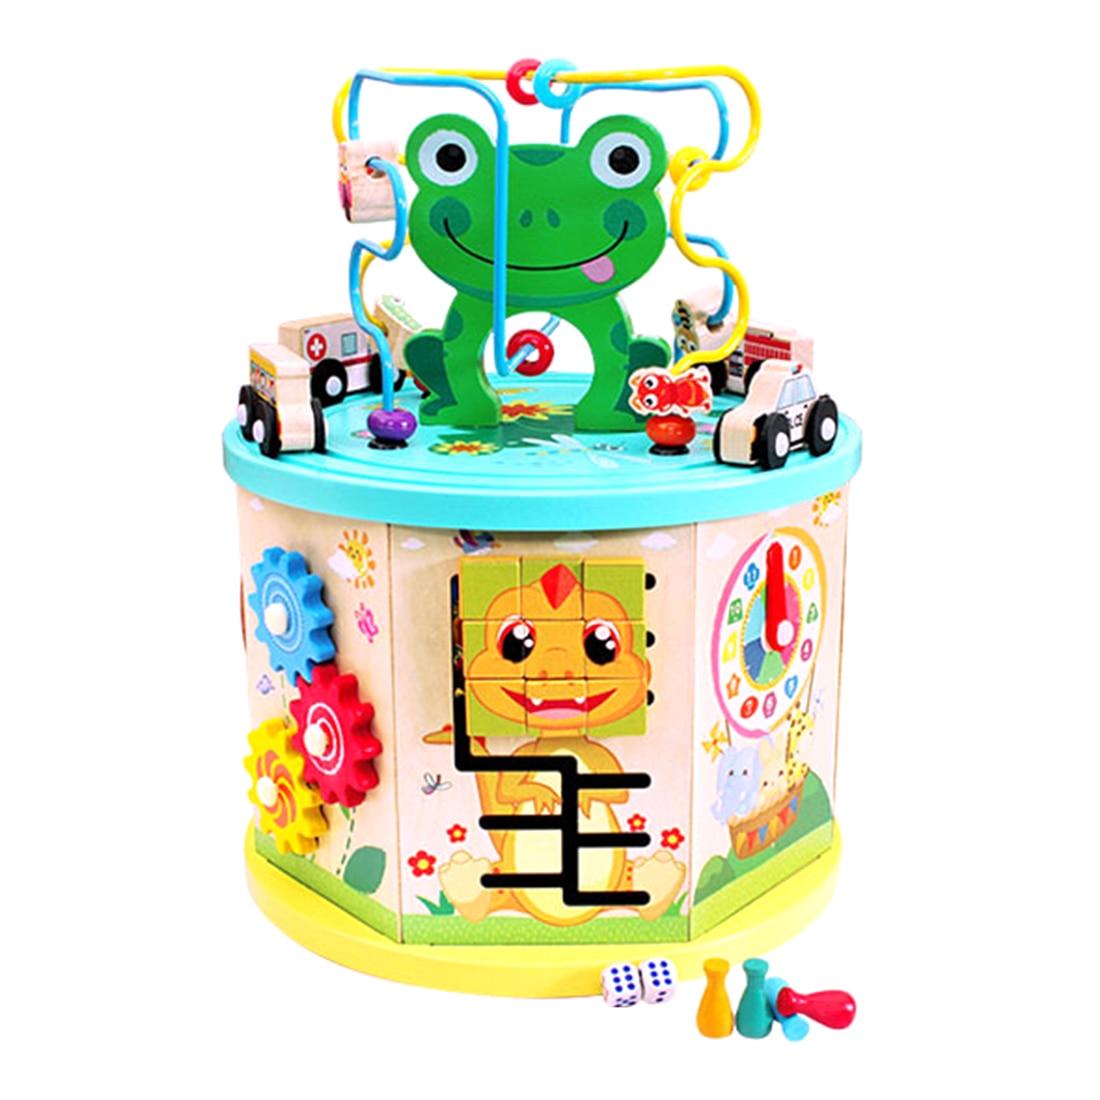 Enfants activité multifonctionnel en bois massif Puzzle perle labyrinthe jeu apprentissage précoce jouets éducatifs cadeau d'anniversaire de noël